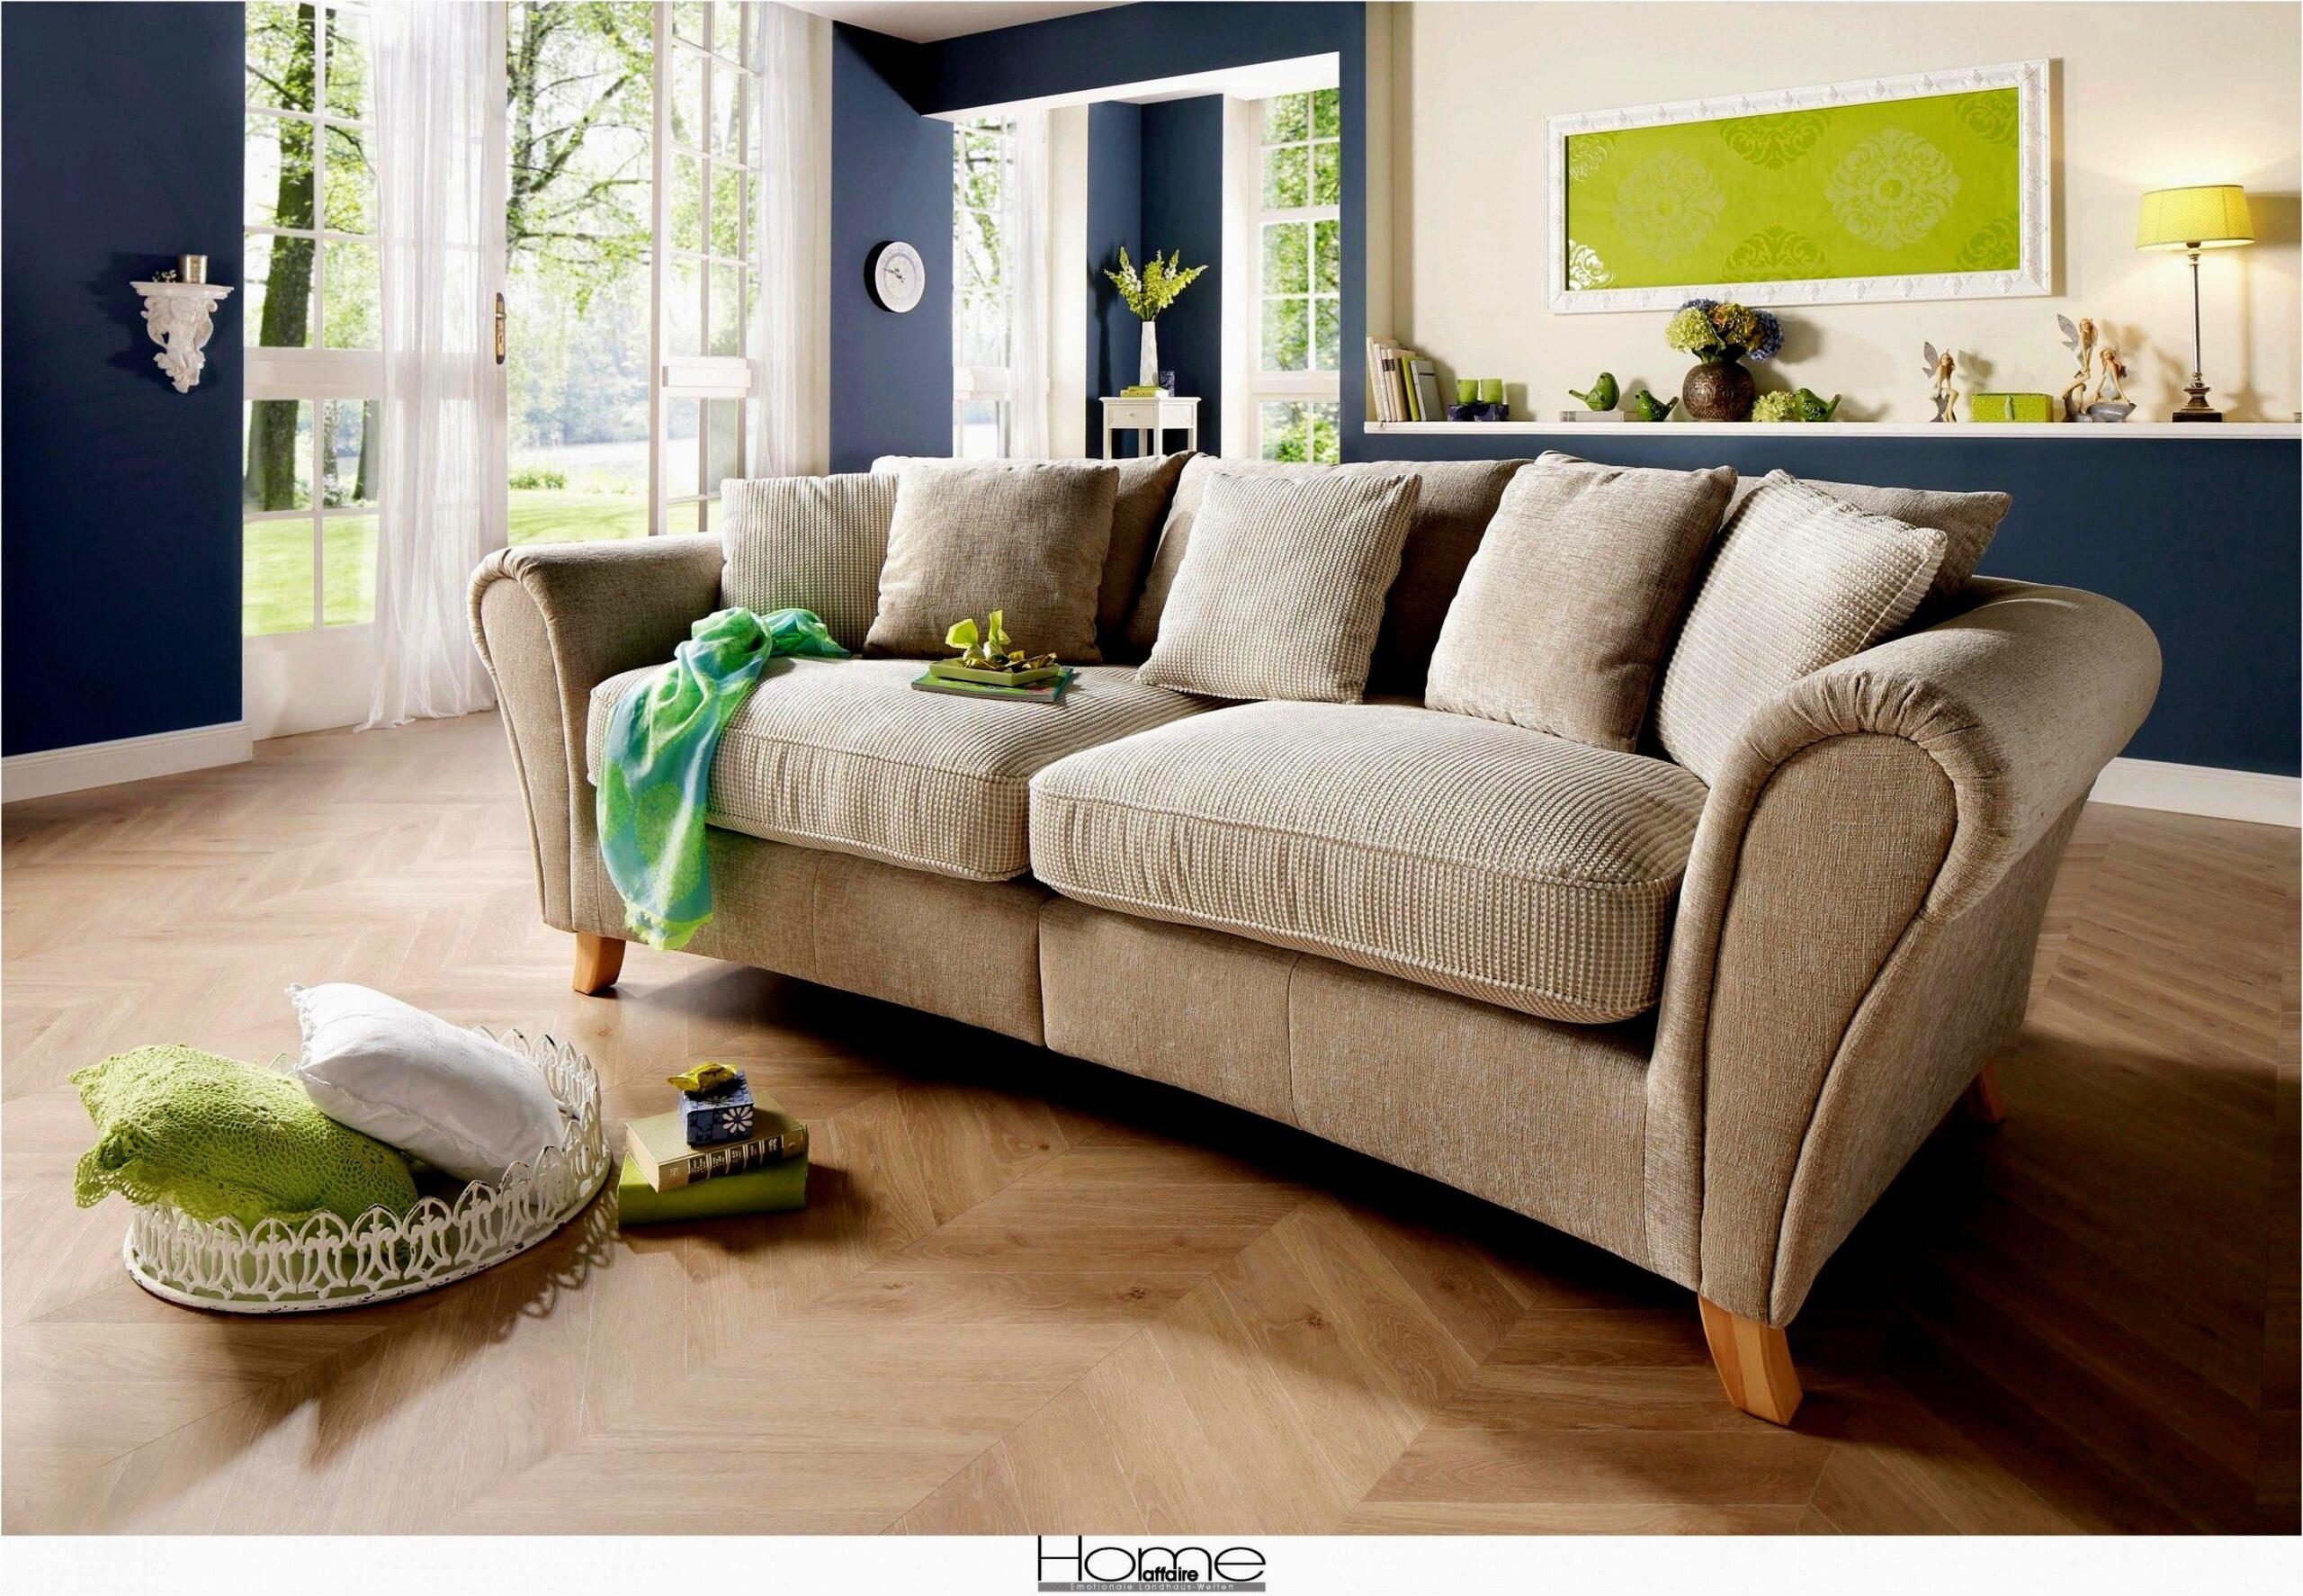 Full Size of Sofa Landhaus Ikea Inspirierend Home Affaire Big Xxl U Form Kaufen Büffelleder Recamiere Braun Bett Landhausstil Kunstleder Mondo Lagerverkauf Leder Englisch Sofa Sofa Landhaus